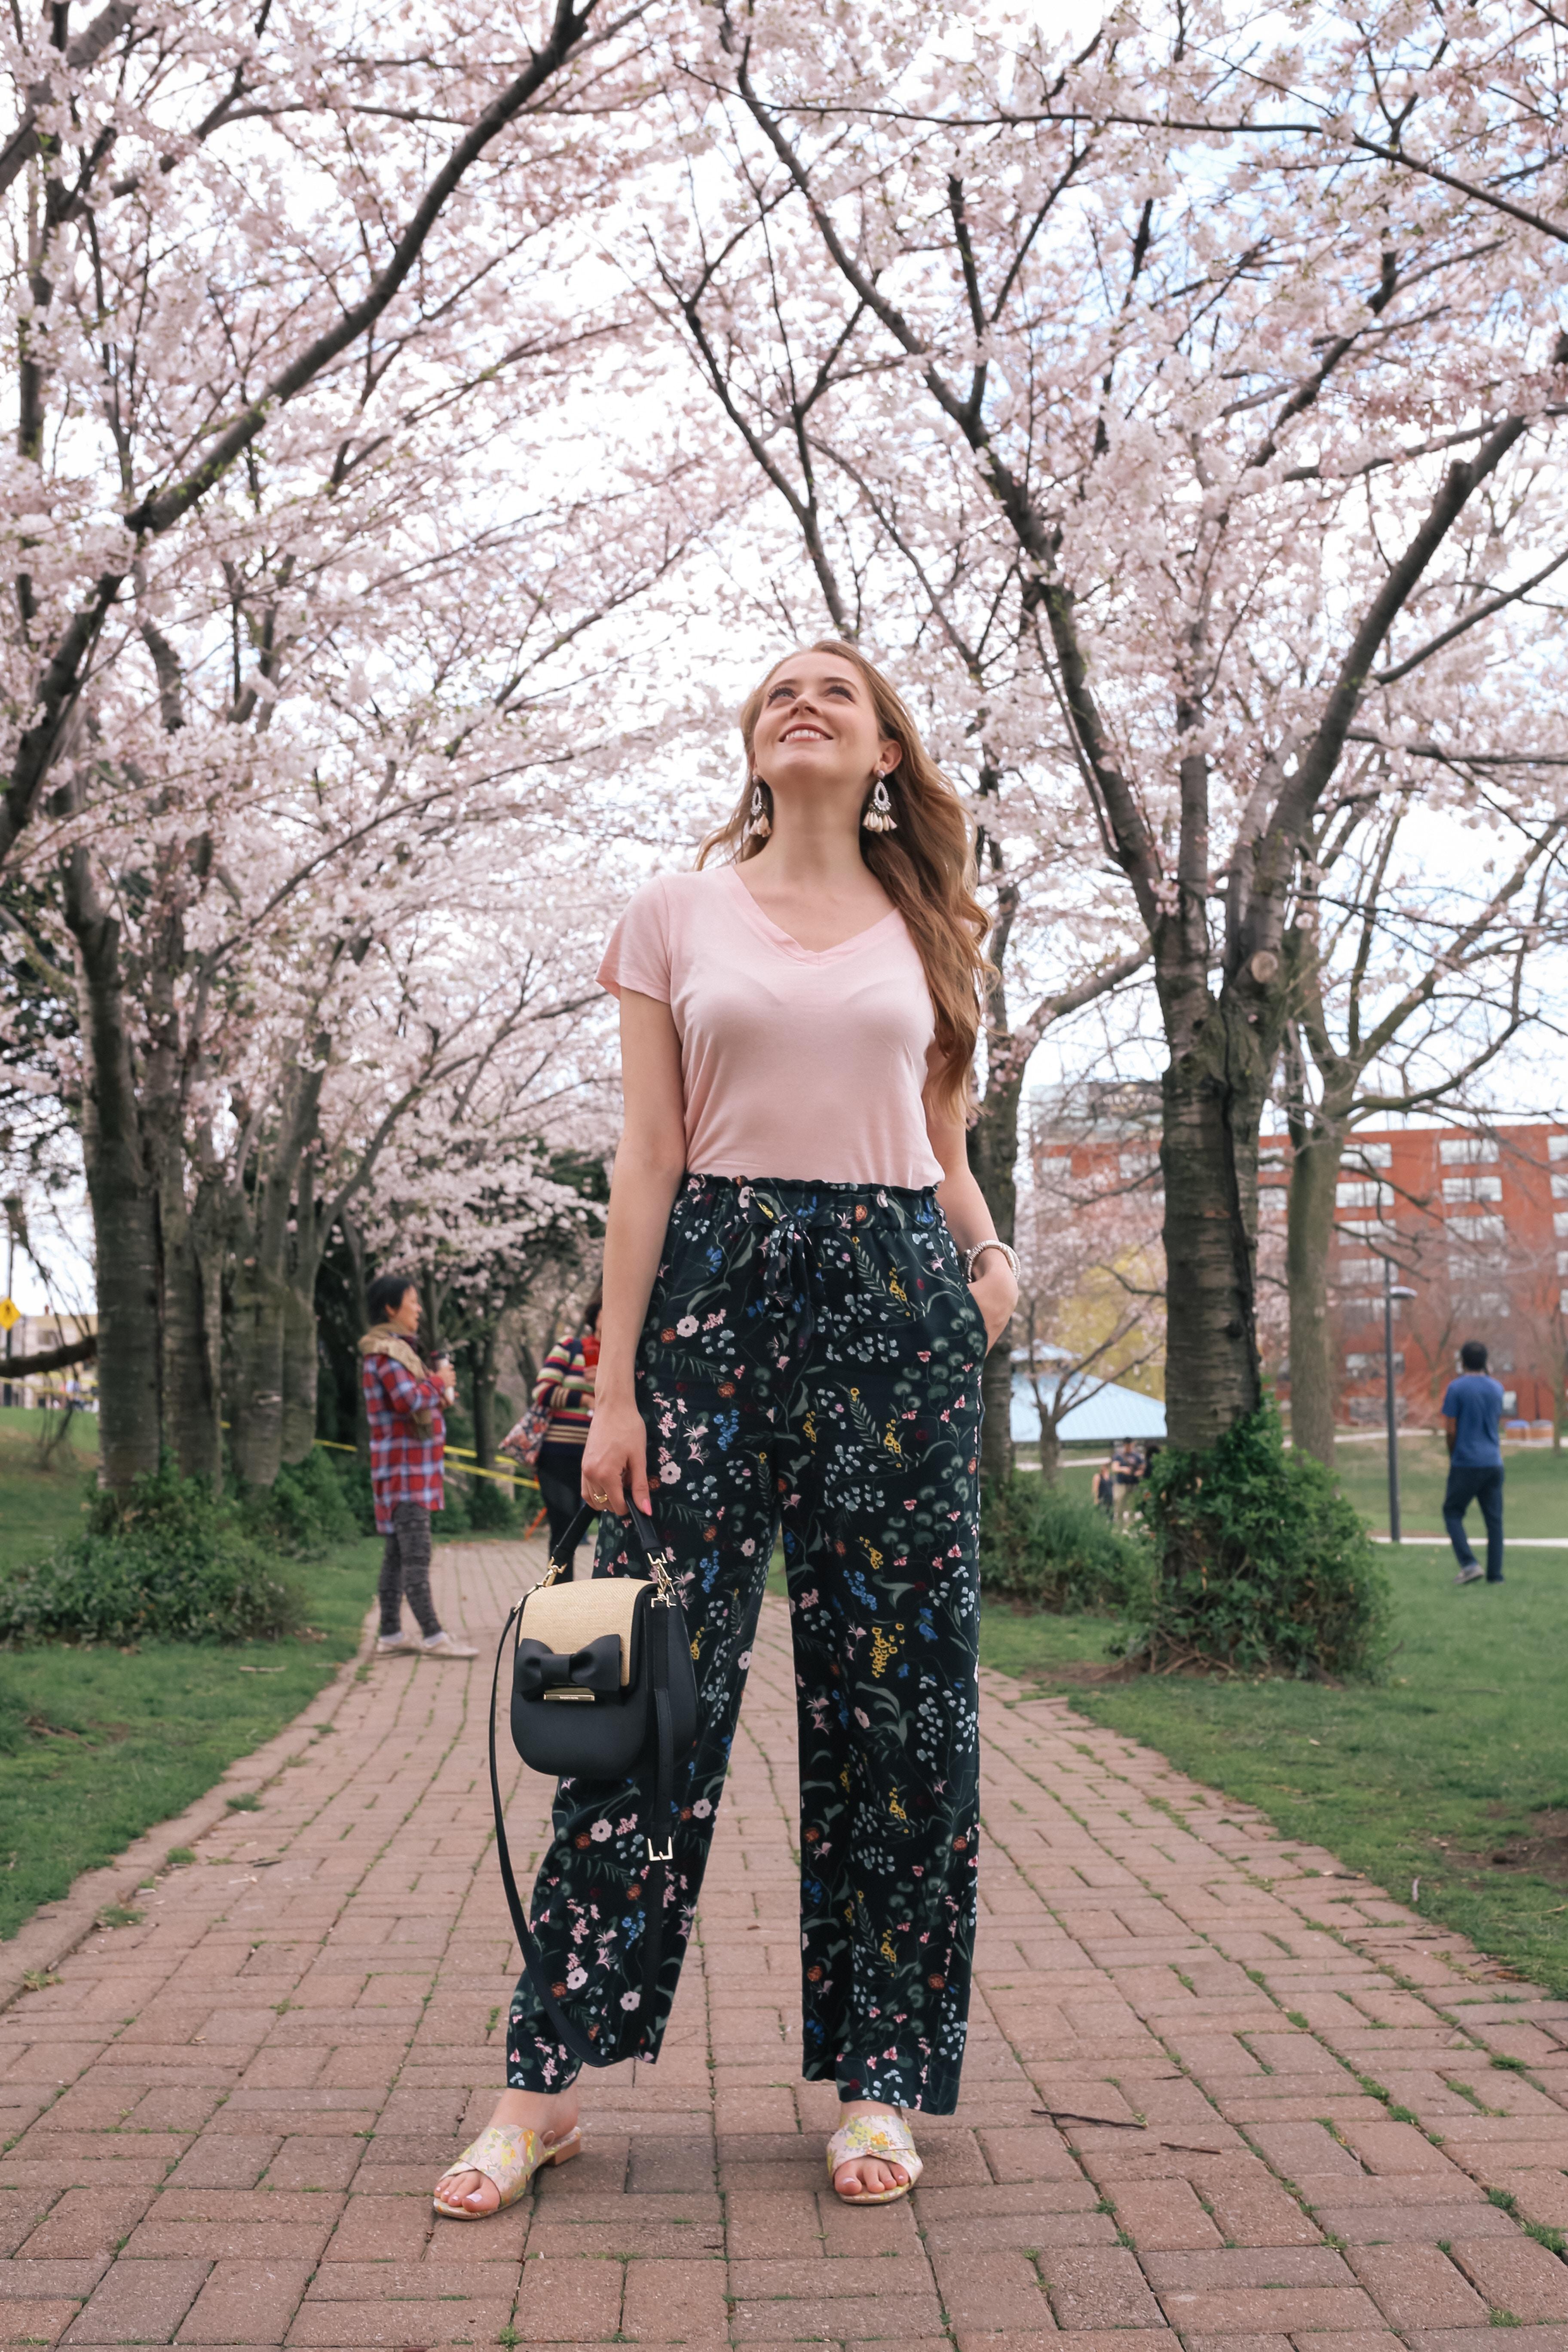 cherry blossoms in burlington